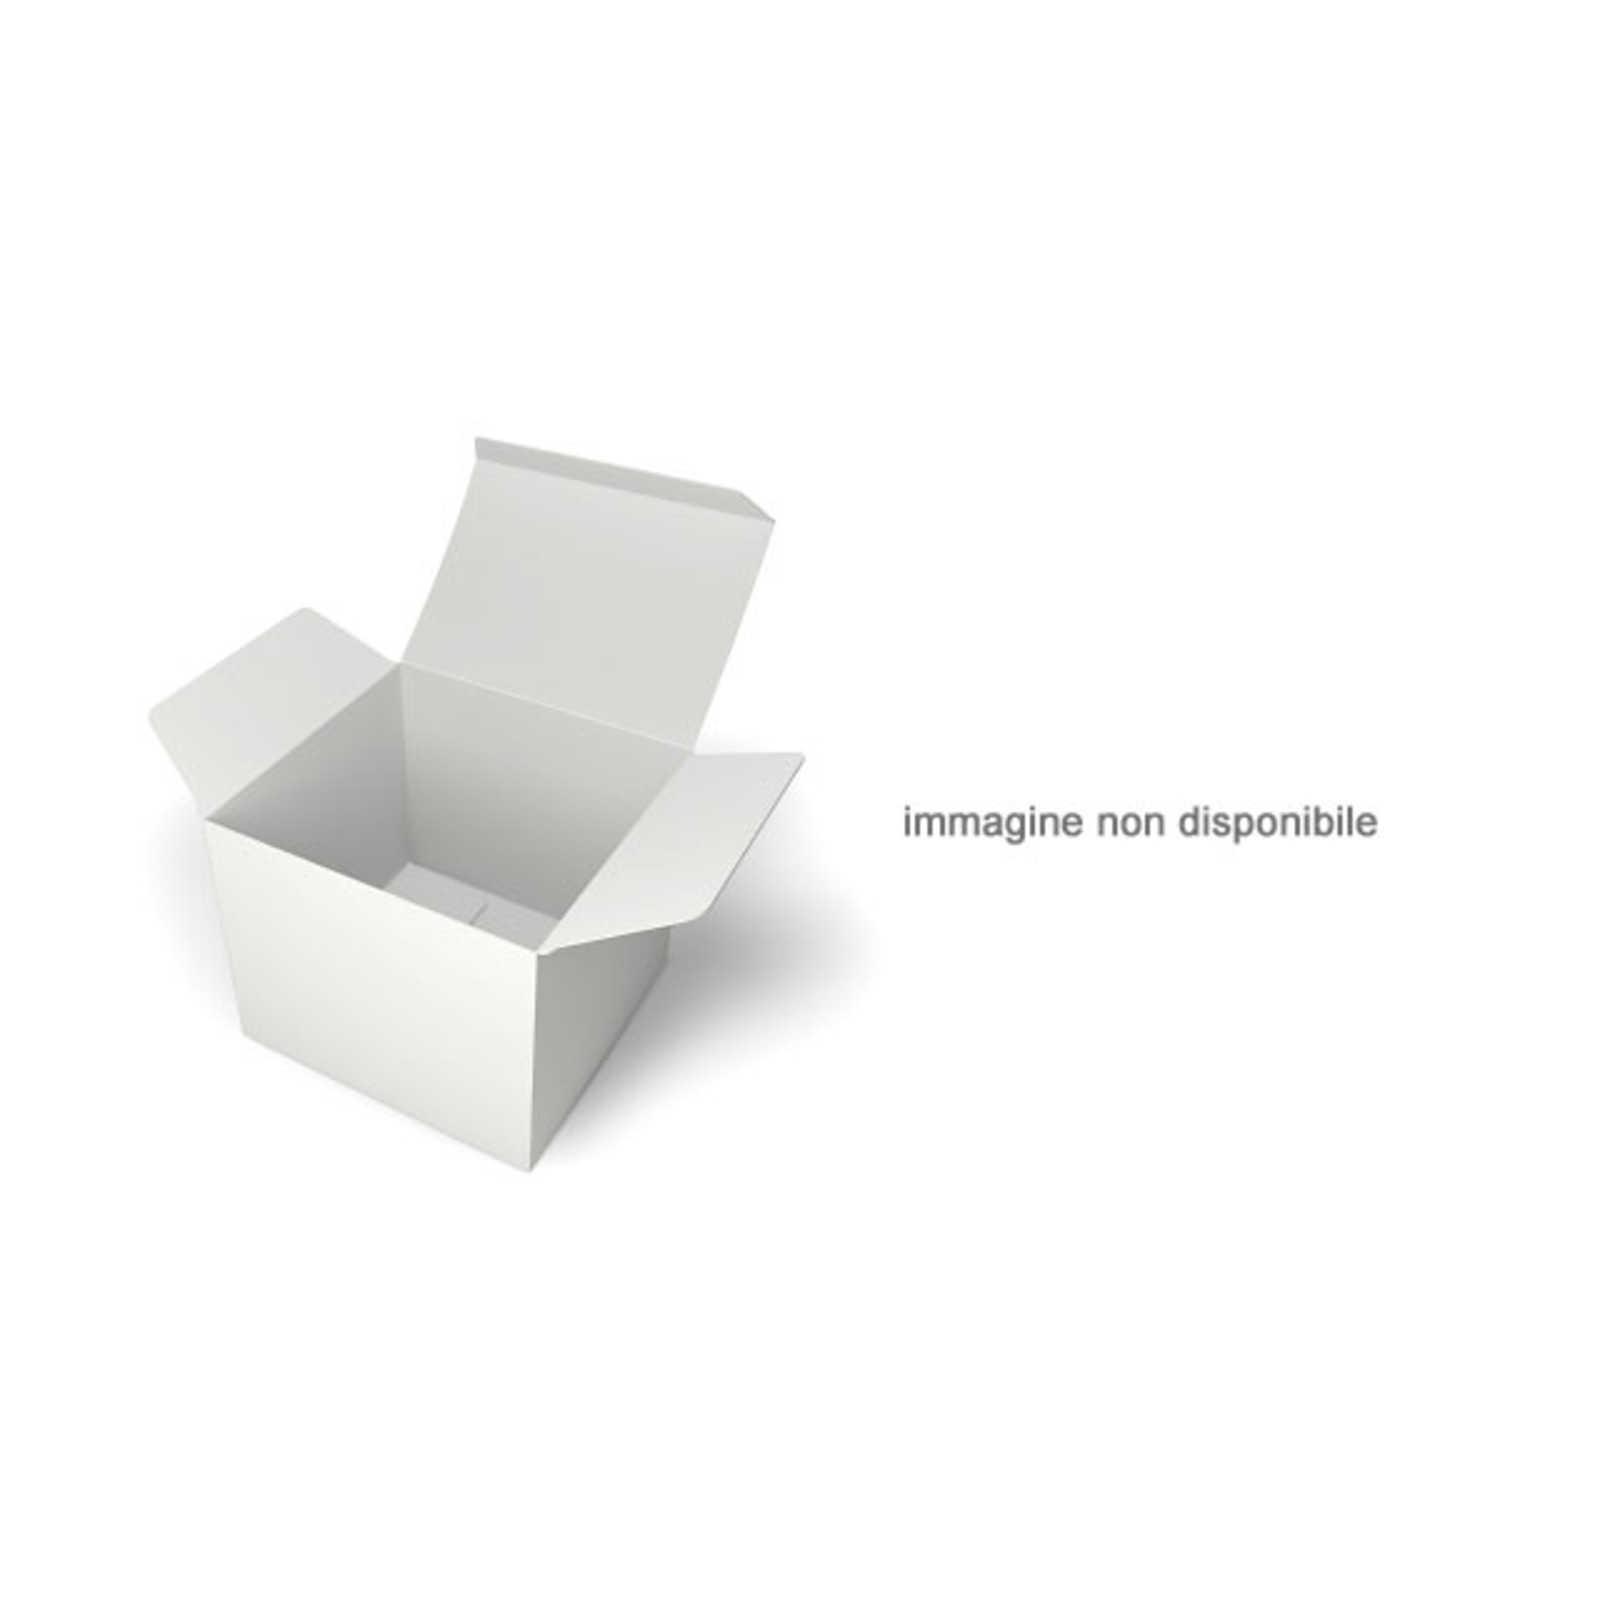 Evita Evita Mico - Schiuma Detergente